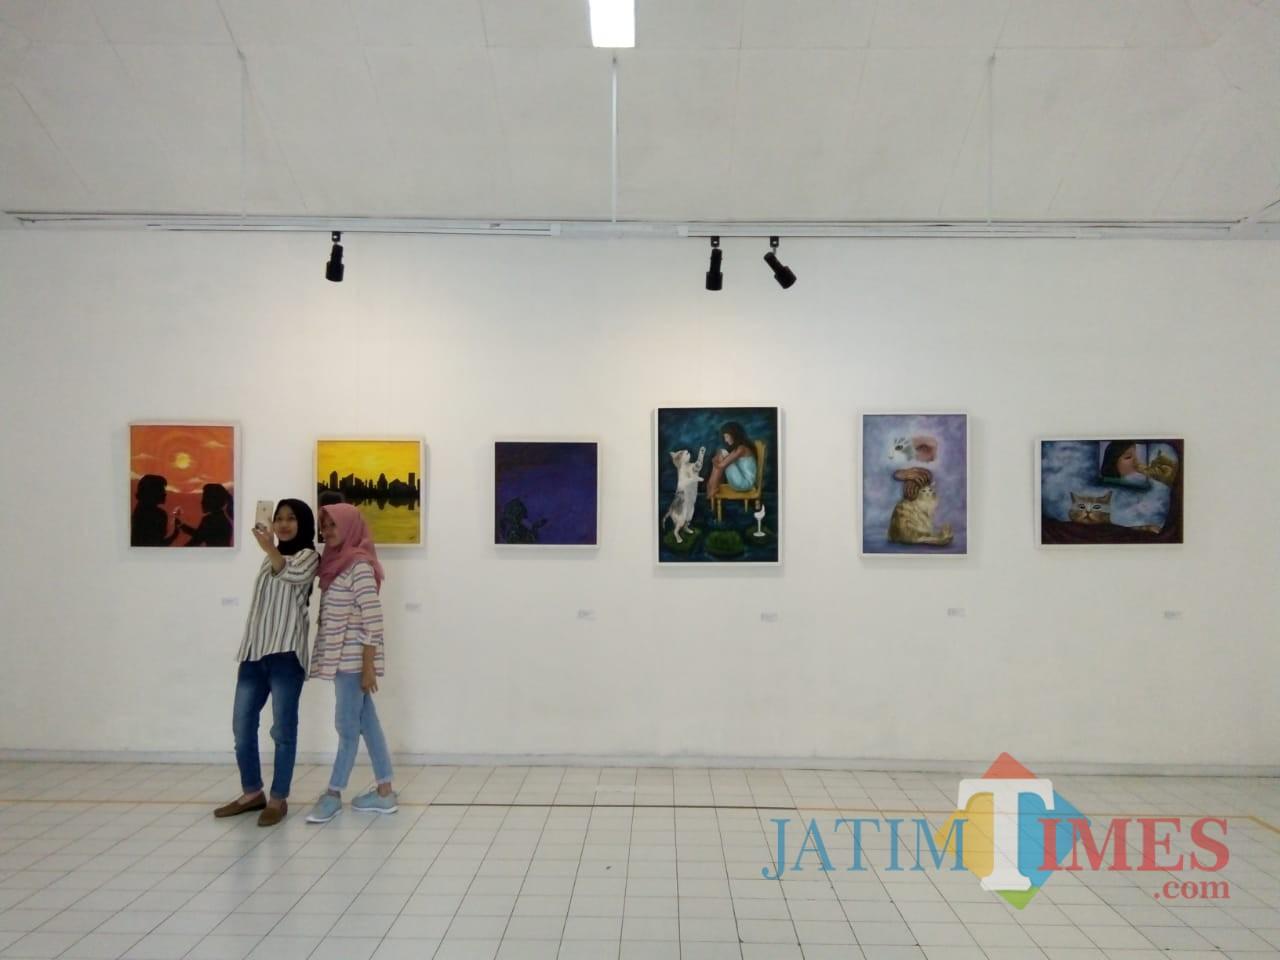 Pengunjung pameran tengah berfoto di depan lukisan hasil karya mahasiswa Universitas Negeri Malang di Gedung Dewan Kesenian Malang (Pipit Anggraeni)